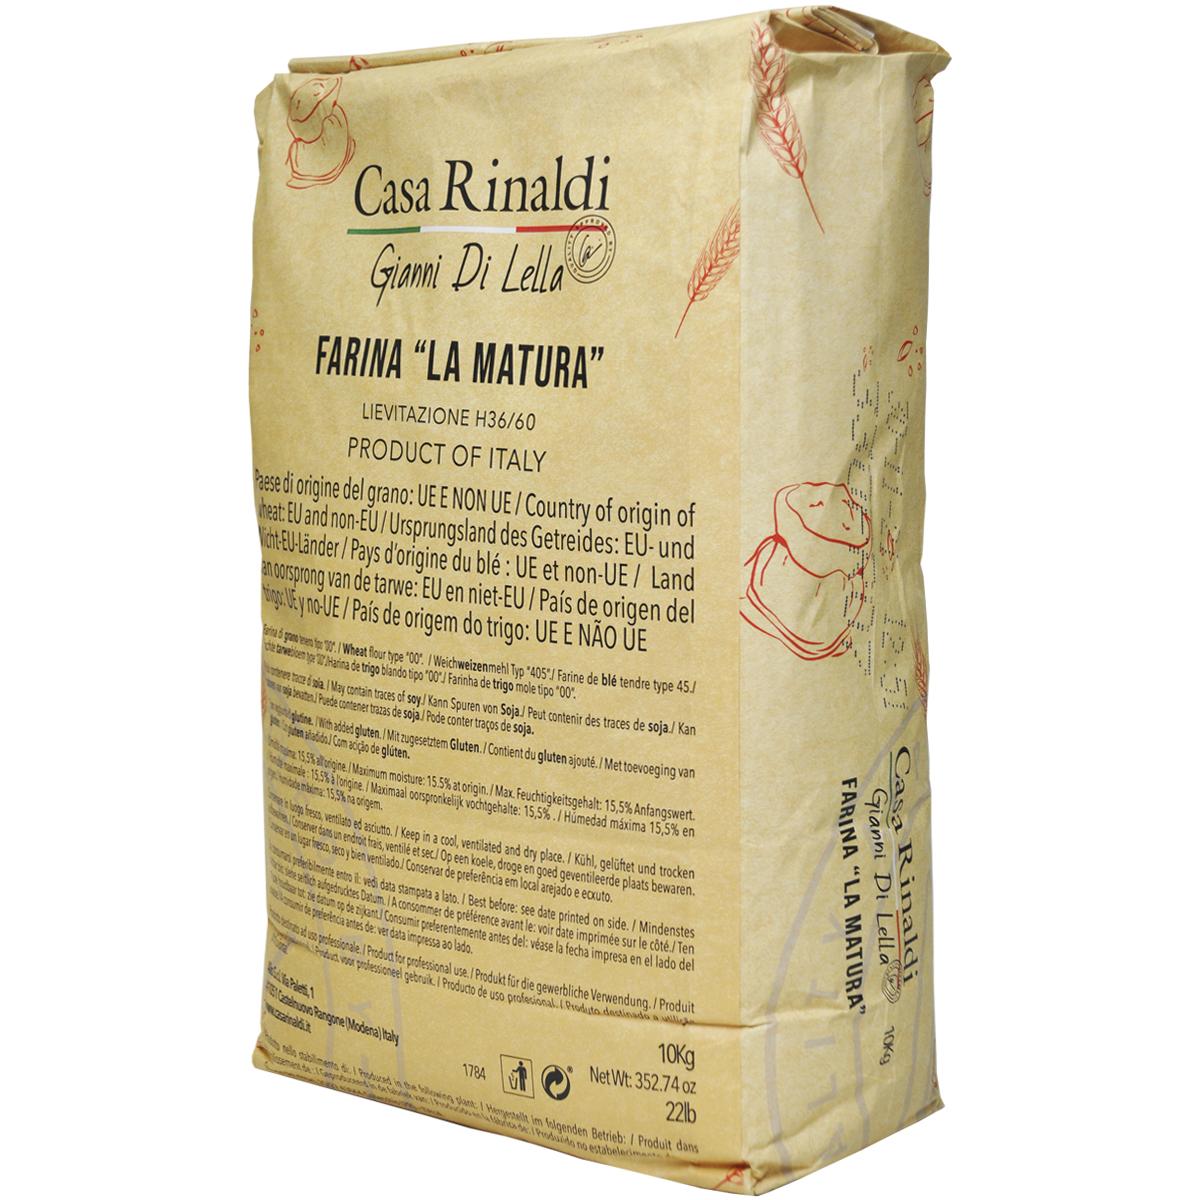 Мука Casa Rinaldi пшеничная из мягких сортов пшеницы типа 00 FARINA LA MATURA / H 36/60 10кг